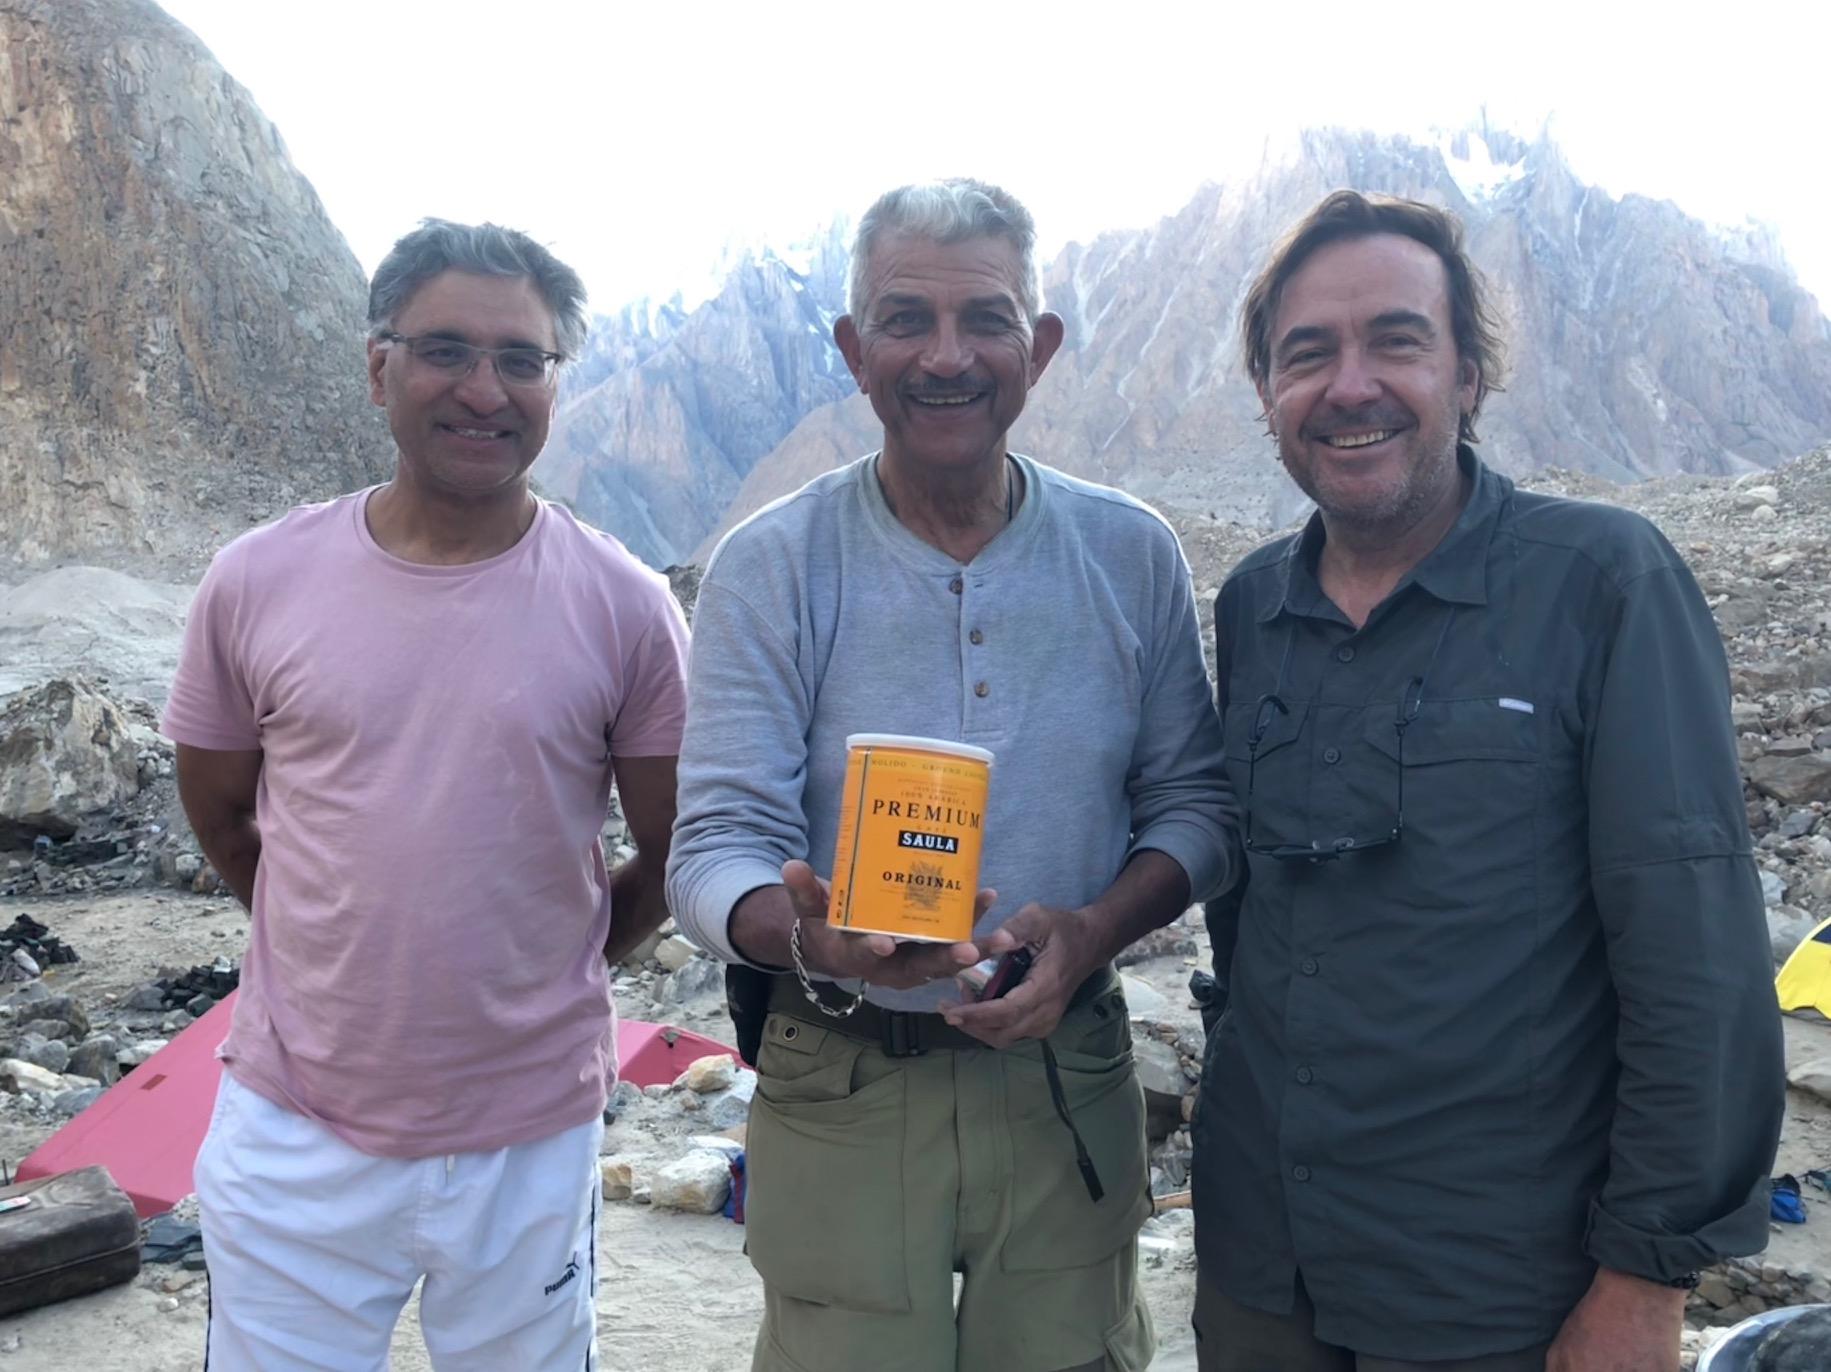 Amb un general de l'exèrcit pakistanès que també es trobava en aquesta zona tan militaritzada del país.